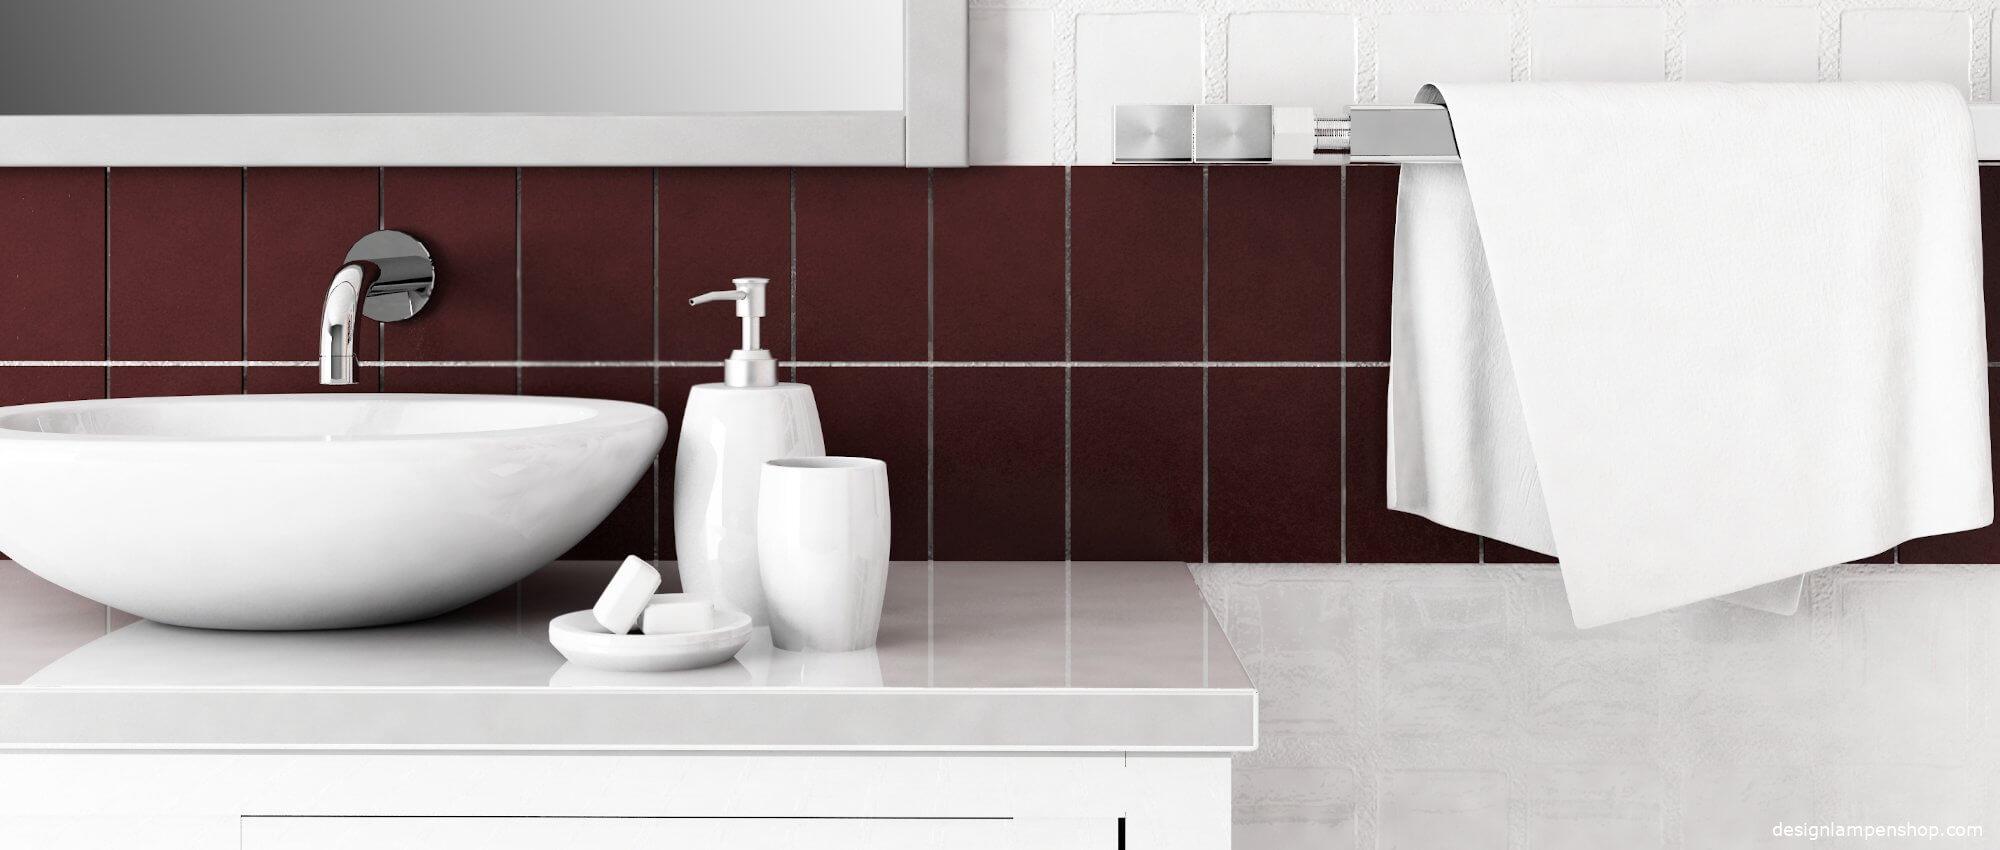 Badezimmer mit modernem Waschbecken und Handtuchhalter